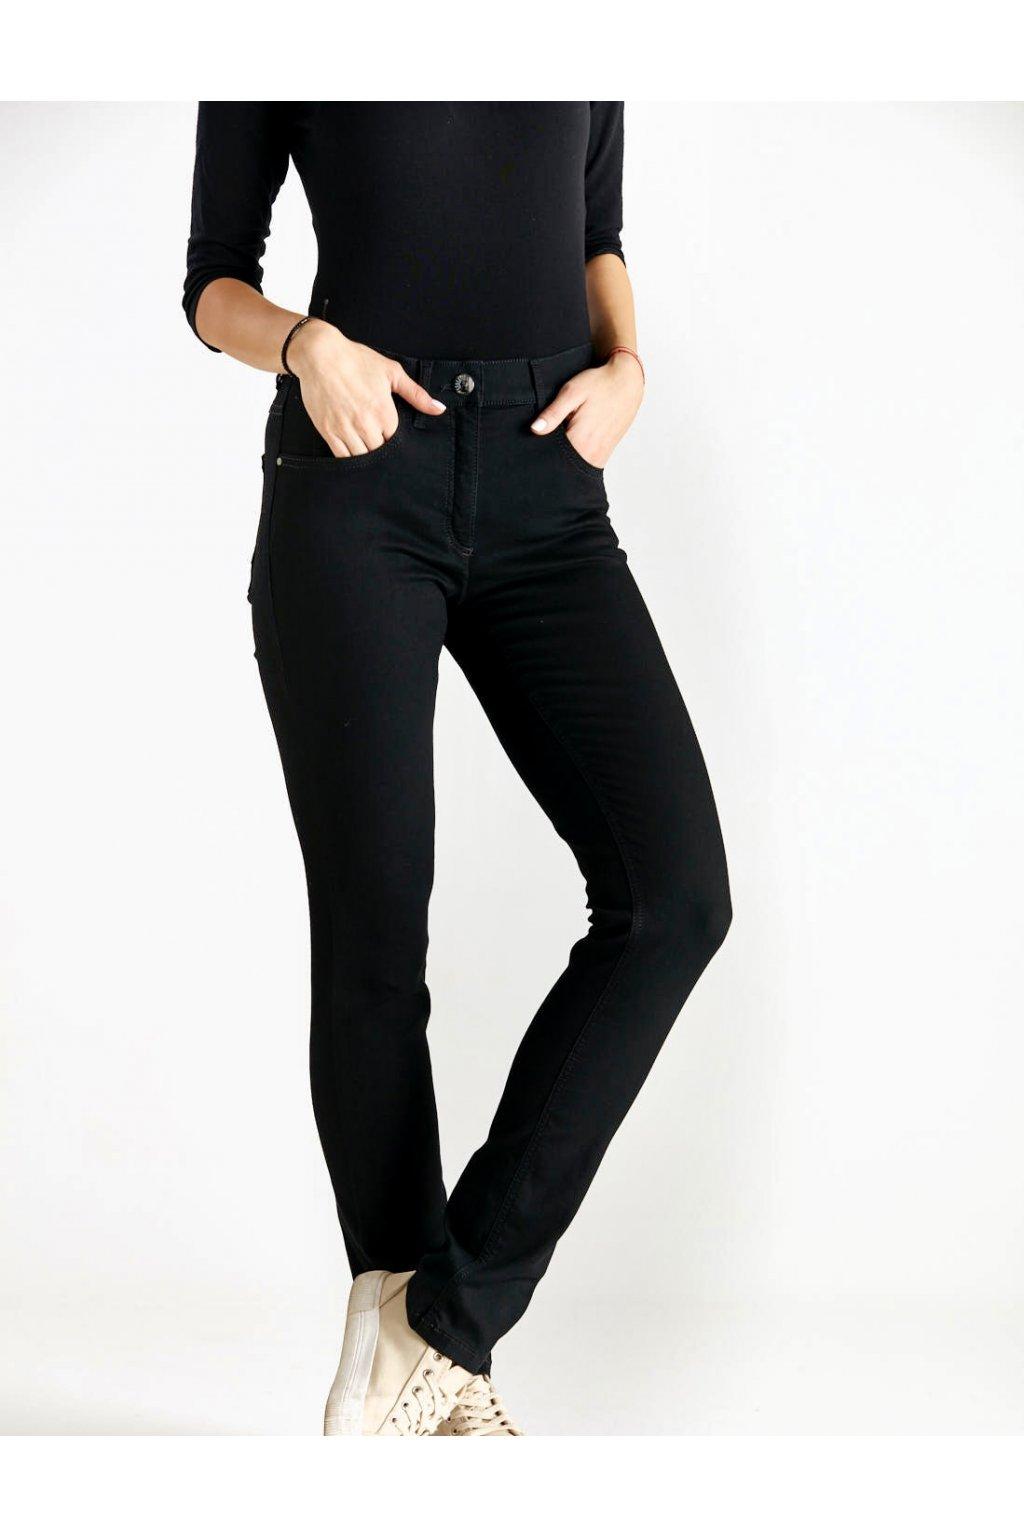 Dámské riflové kalhoty Zerres Twiggy černá